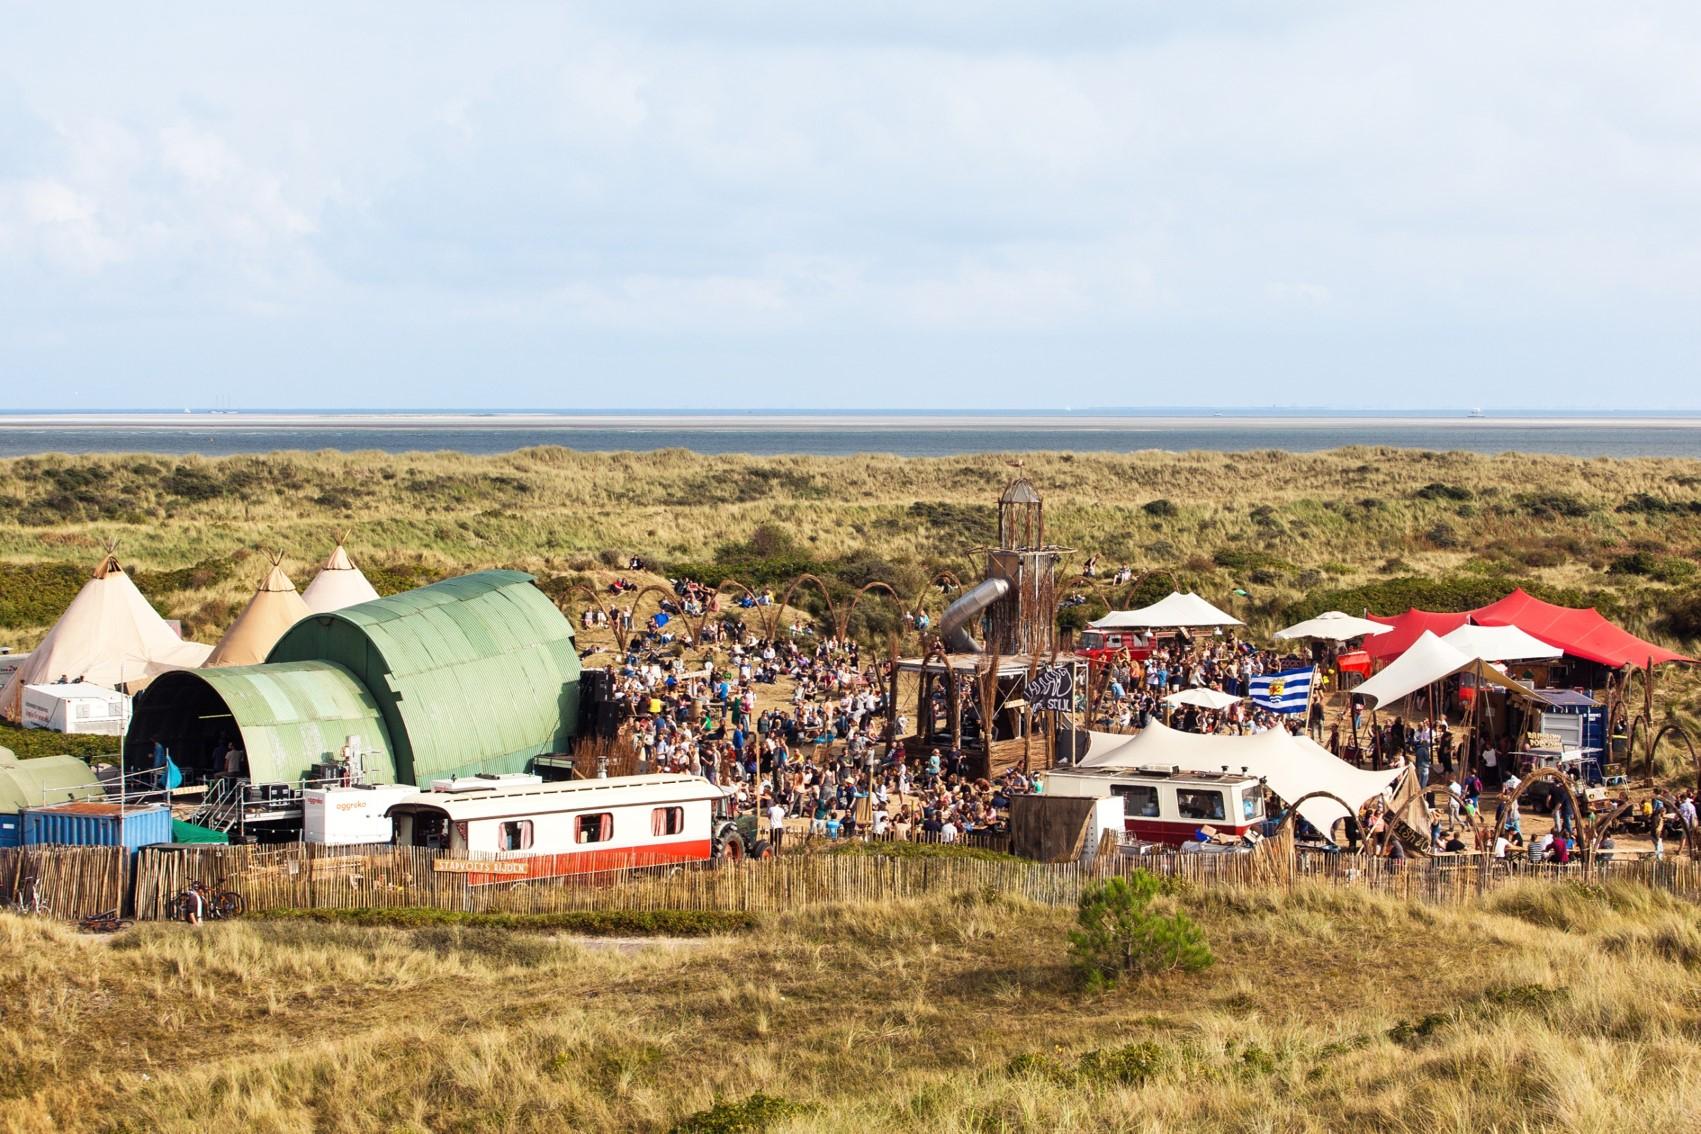 Het festivalterrein als mini-maatschappij